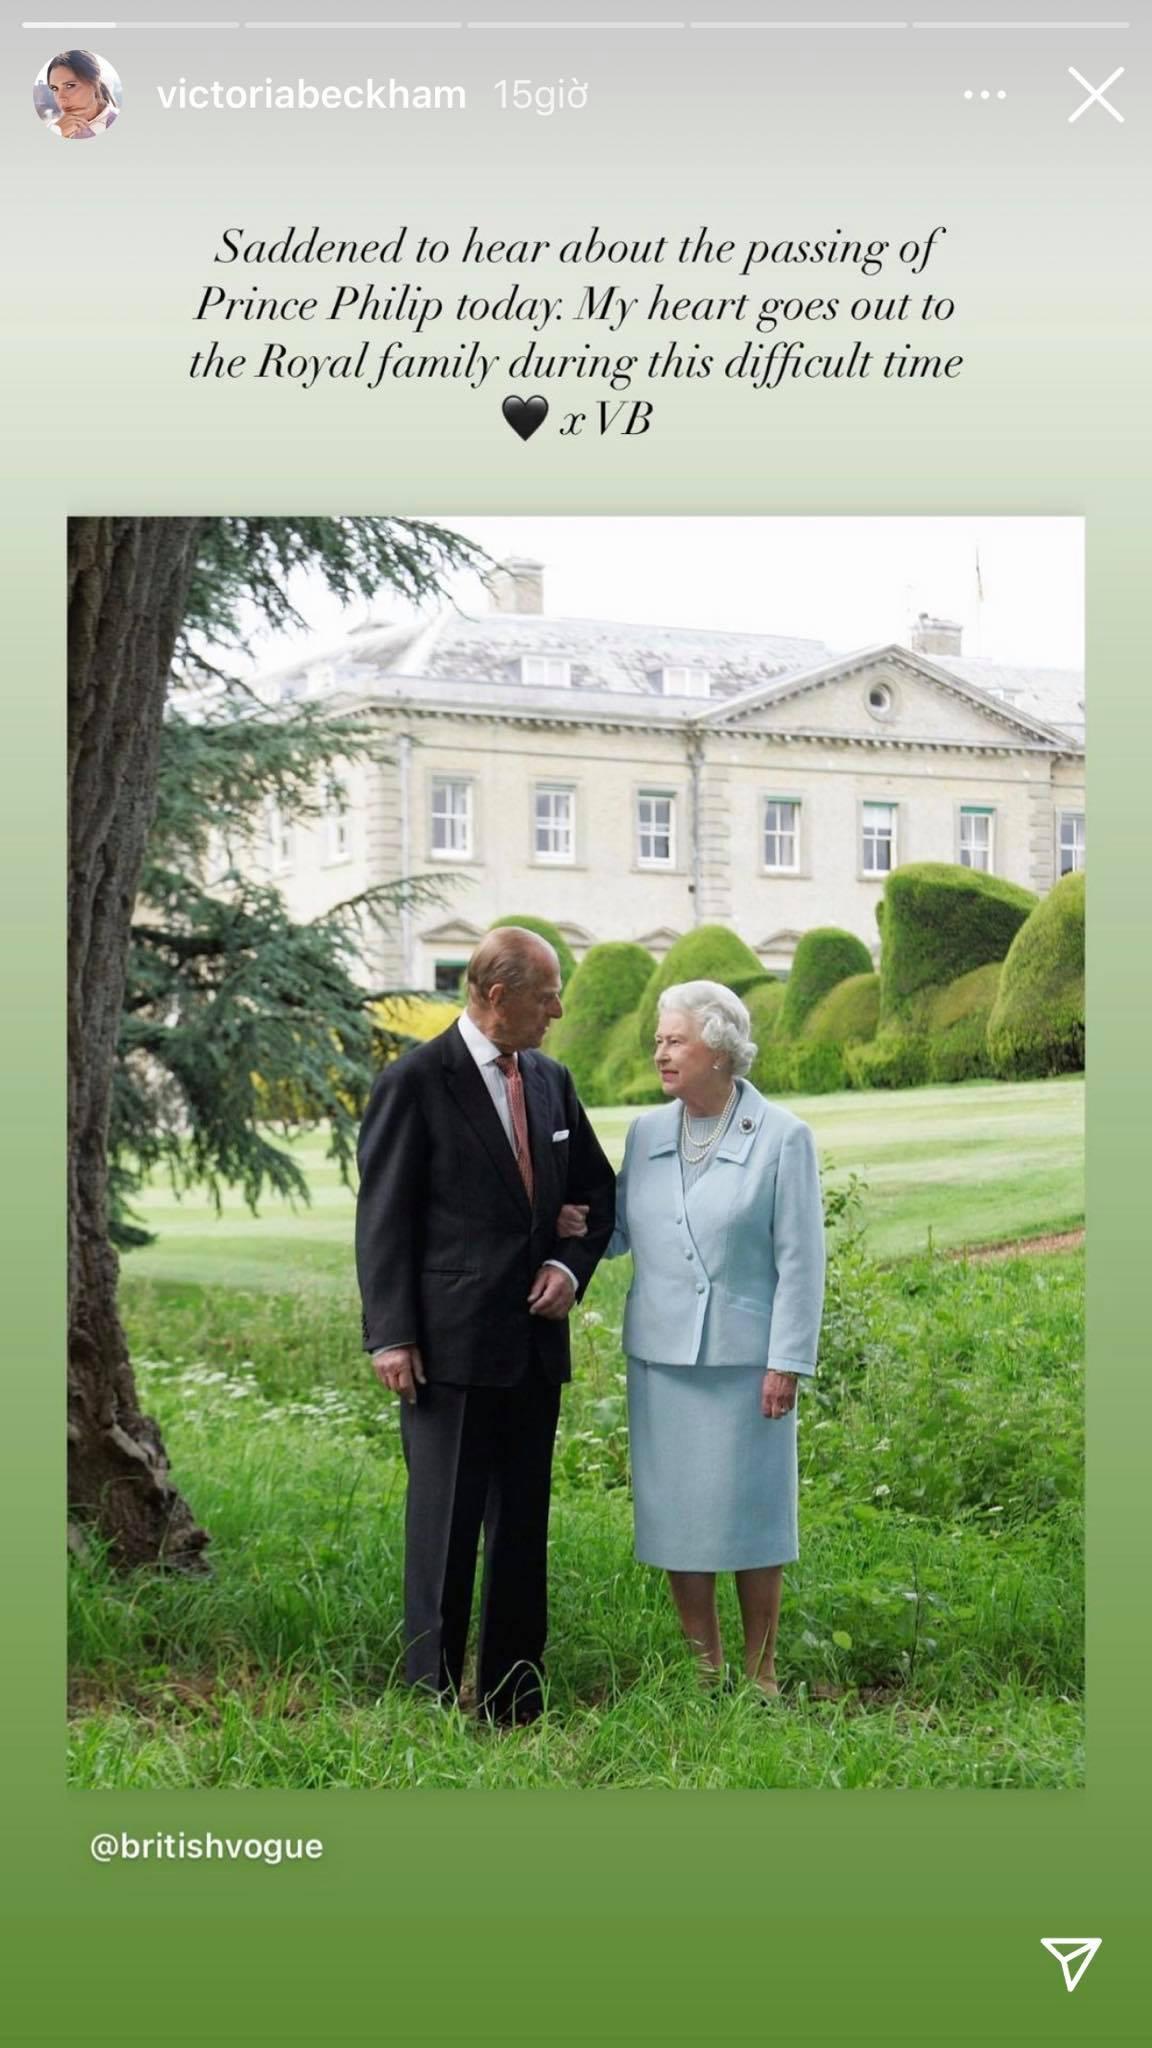 Dàn sao tưởng niệm sự ra đi của Hoàng thân Philip: Gia đình Beckham bị chỉ trích vì đăng ảnh cởi trần, 2 nam tài tử có hành động đặc biệt - Ảnh 3.